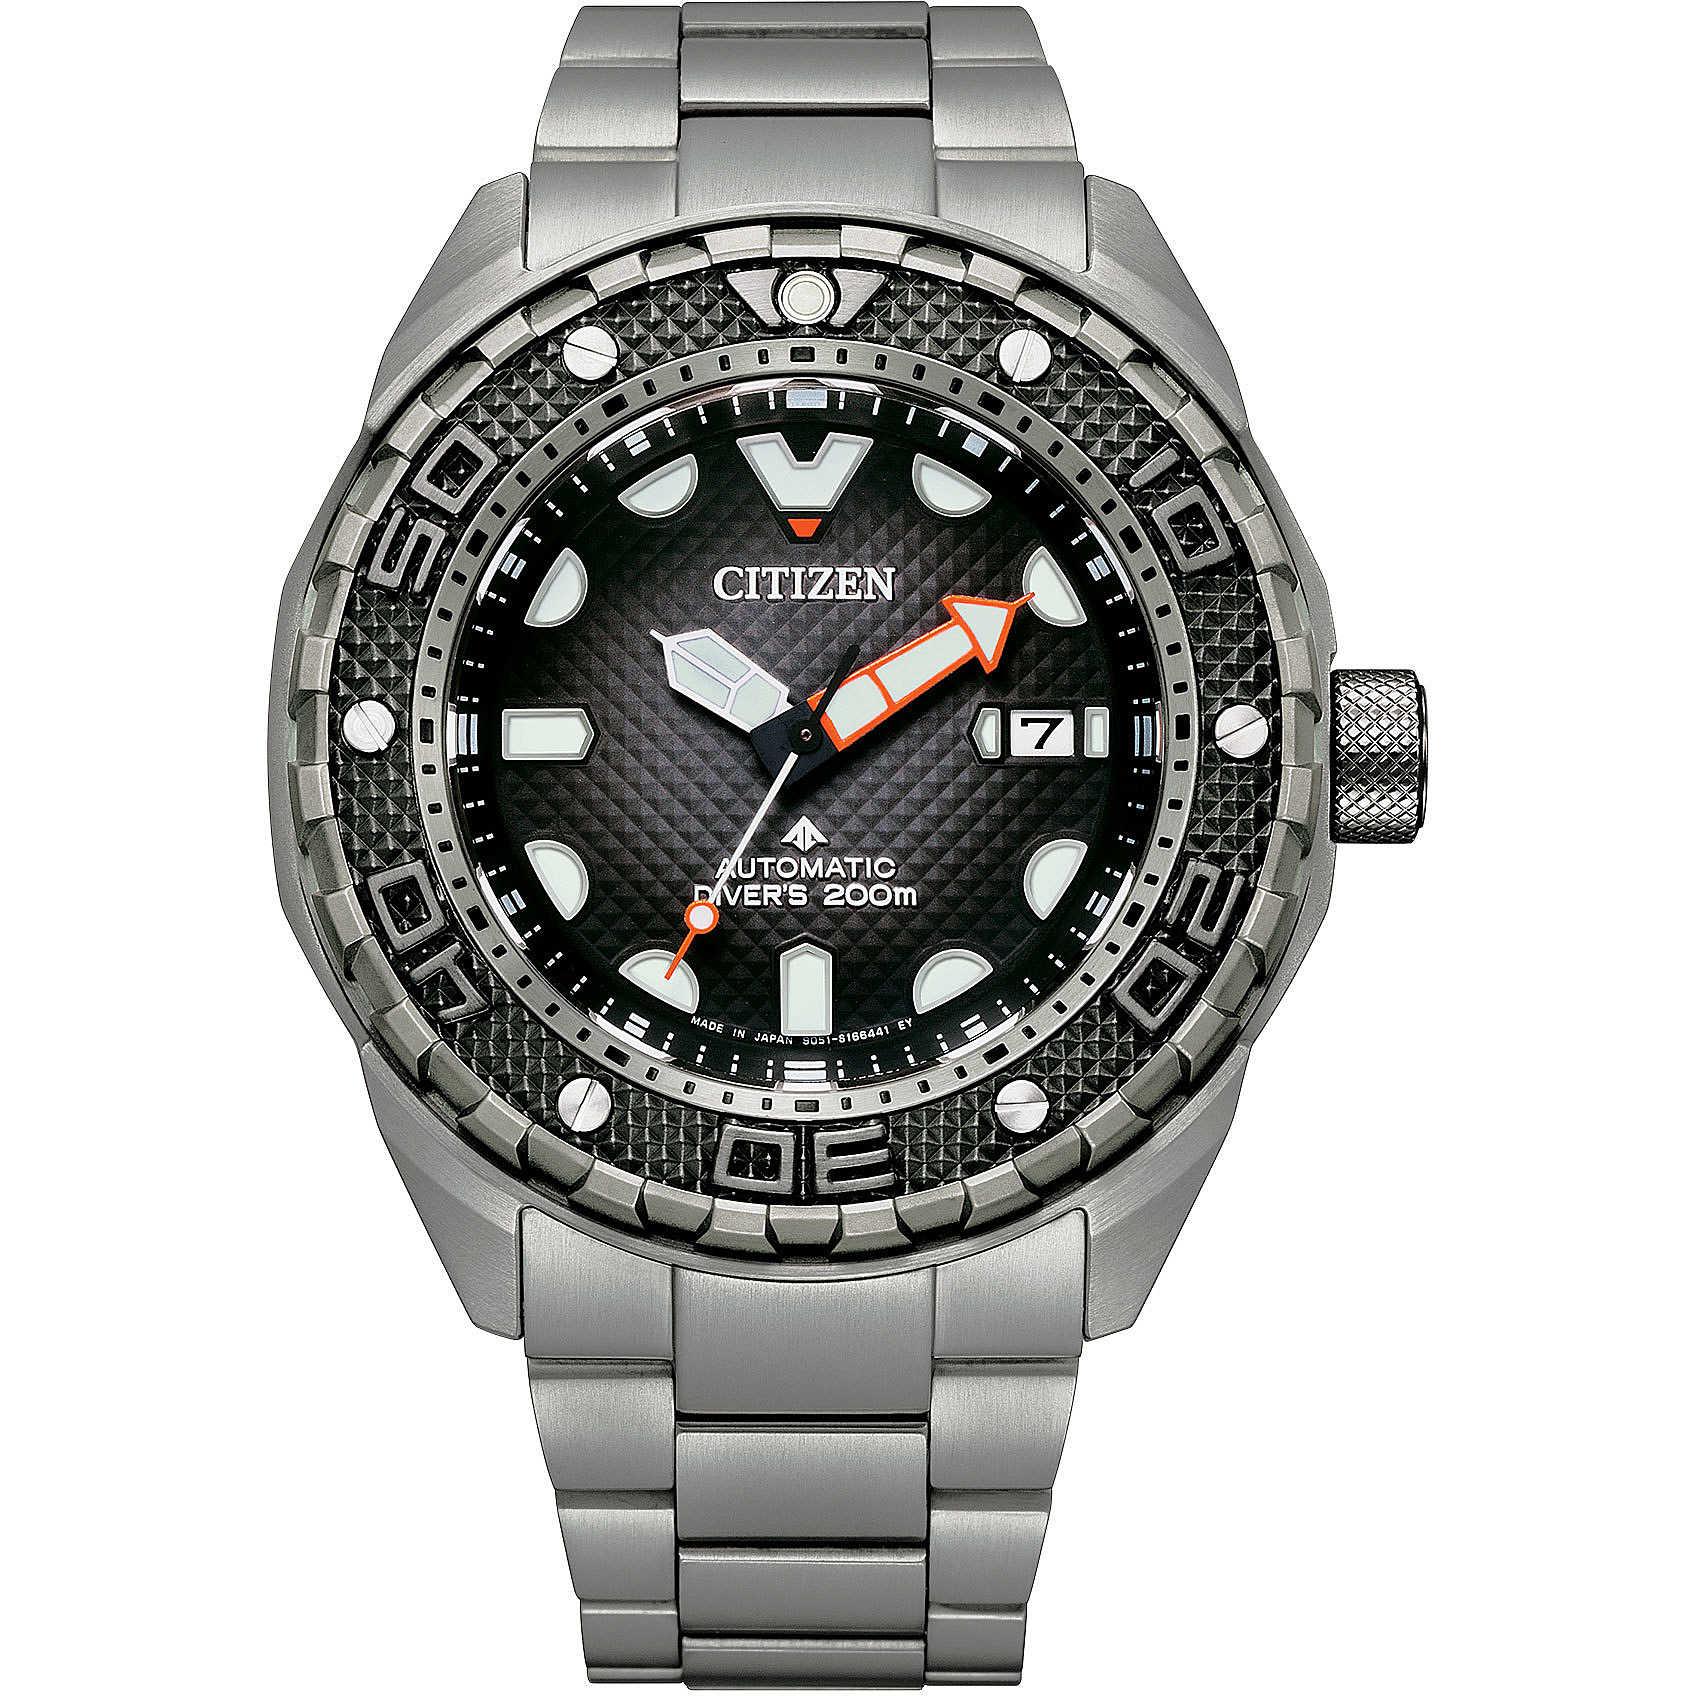 Citizen orologio meccanico uomo Citizen Promaster